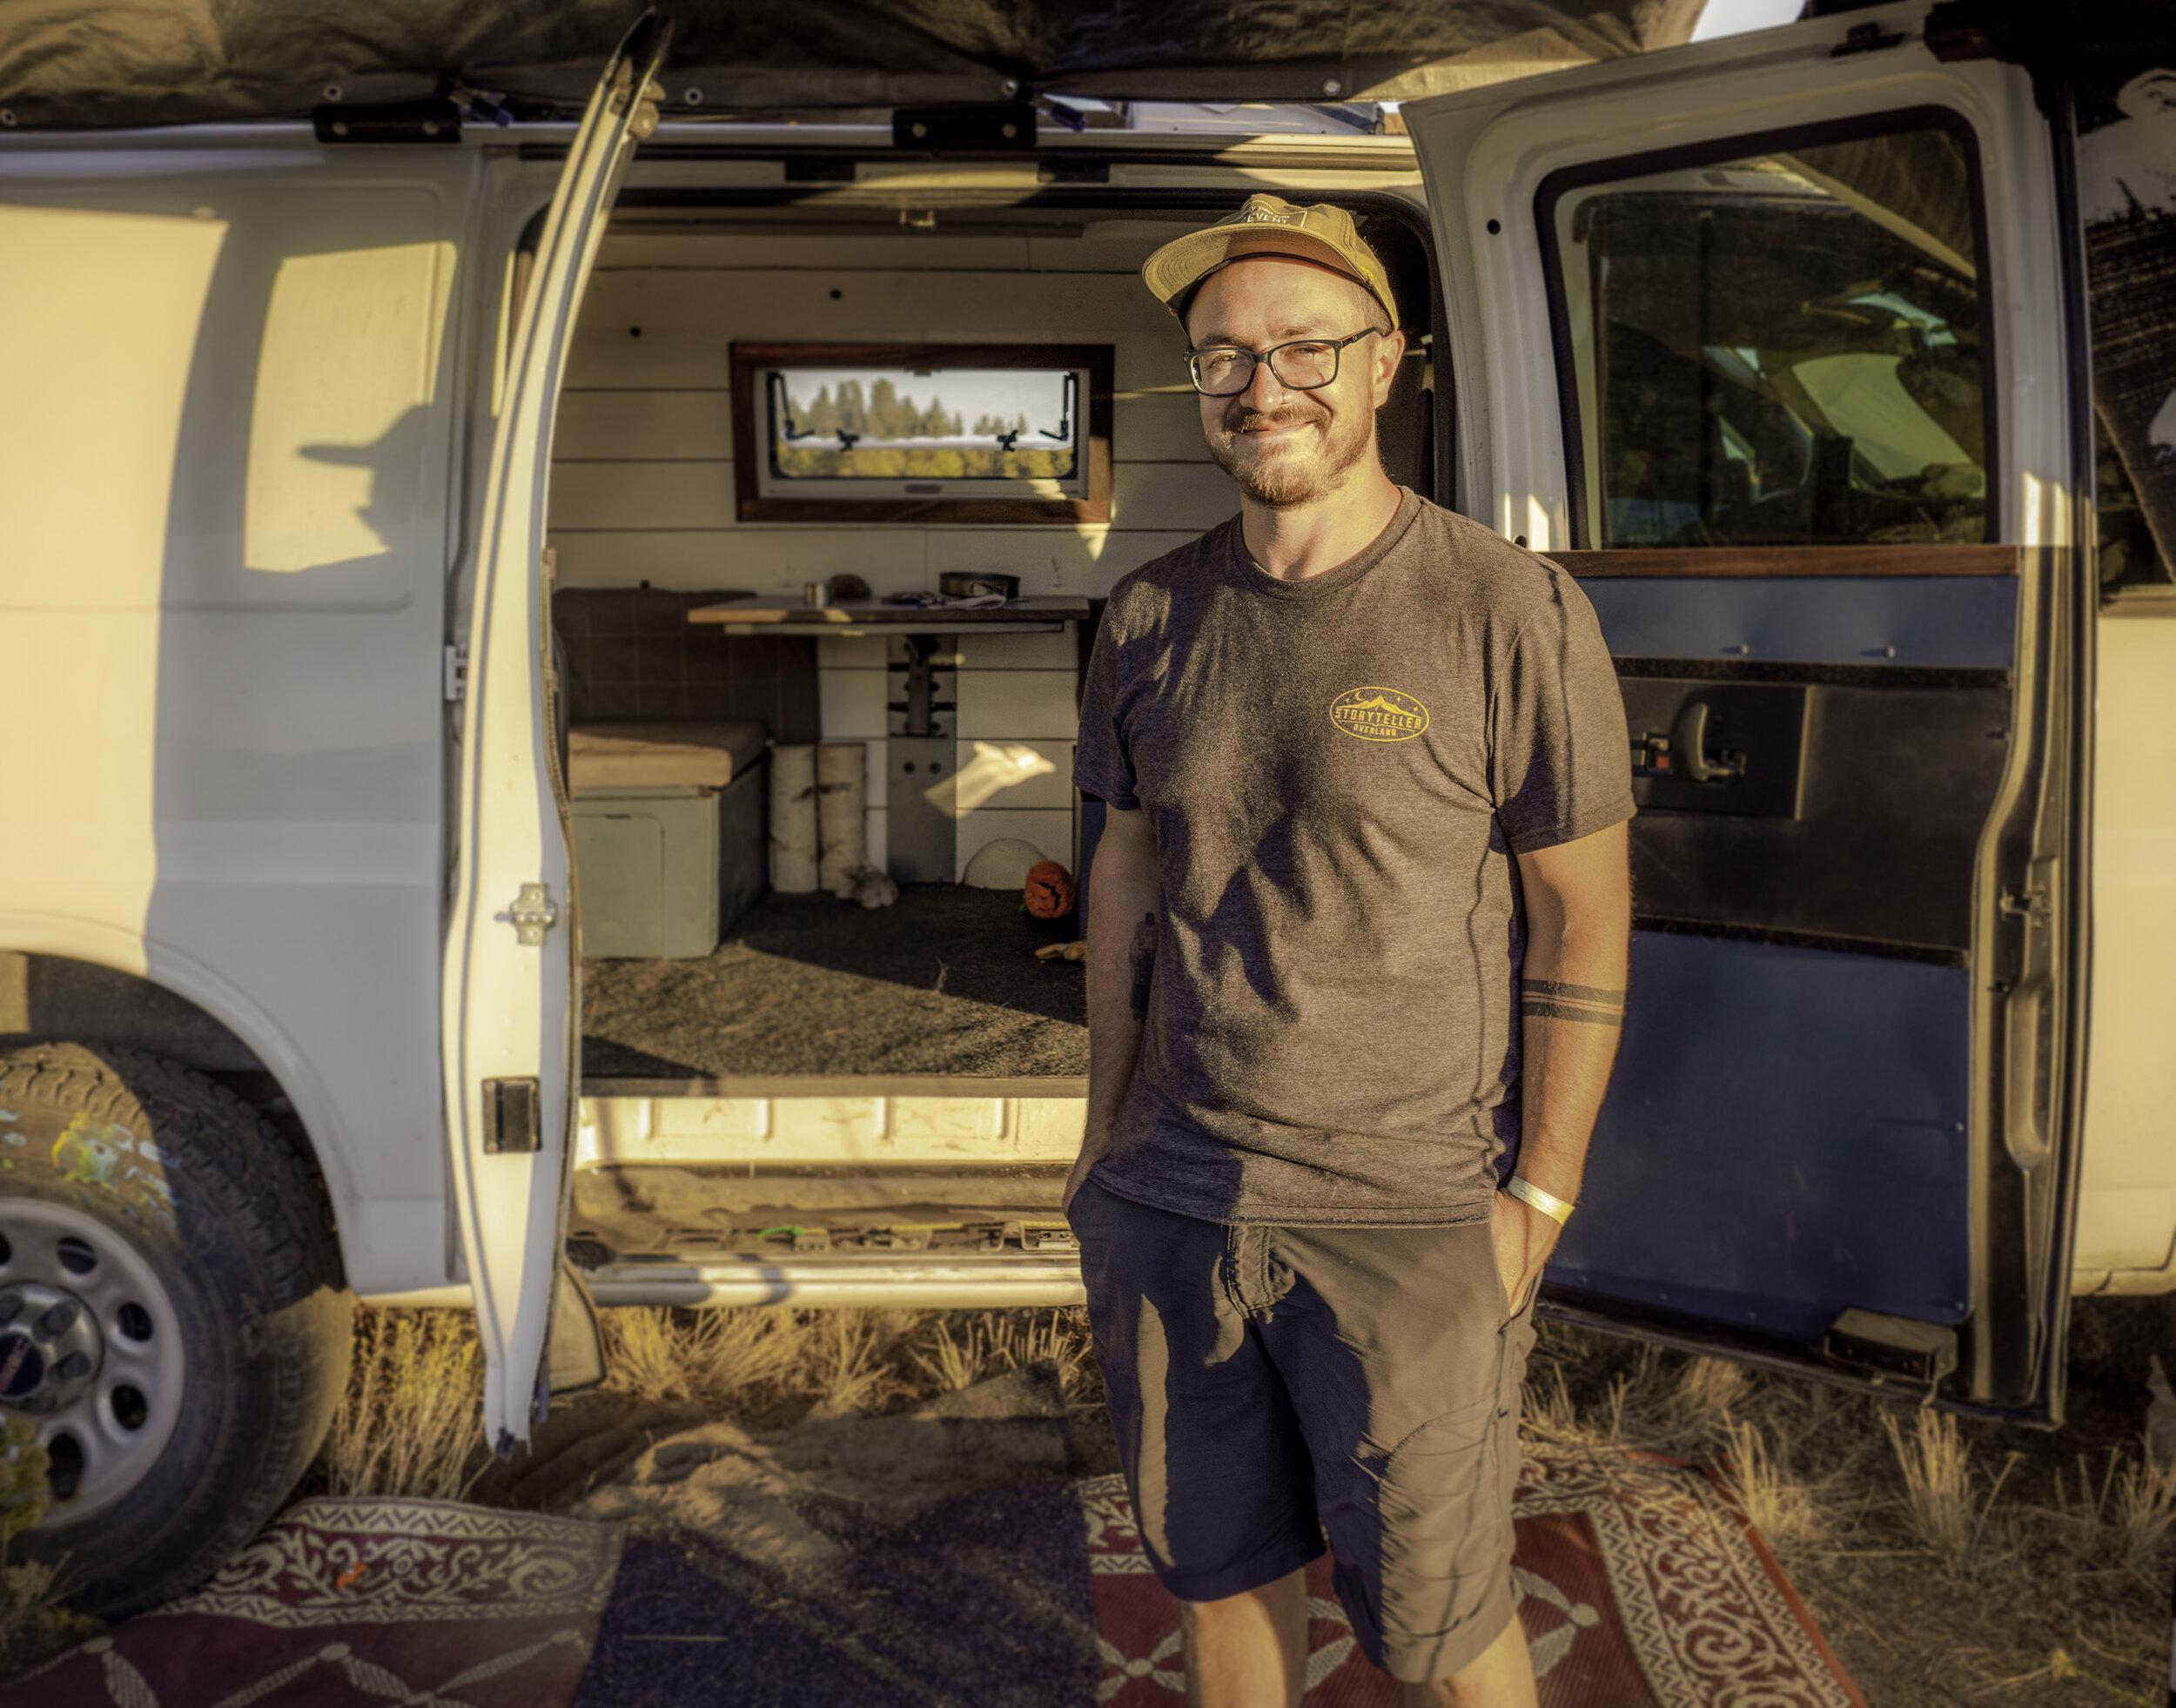 Chris & his self converted Vitruvian Van Photo By:  @NathanJames.Visuals